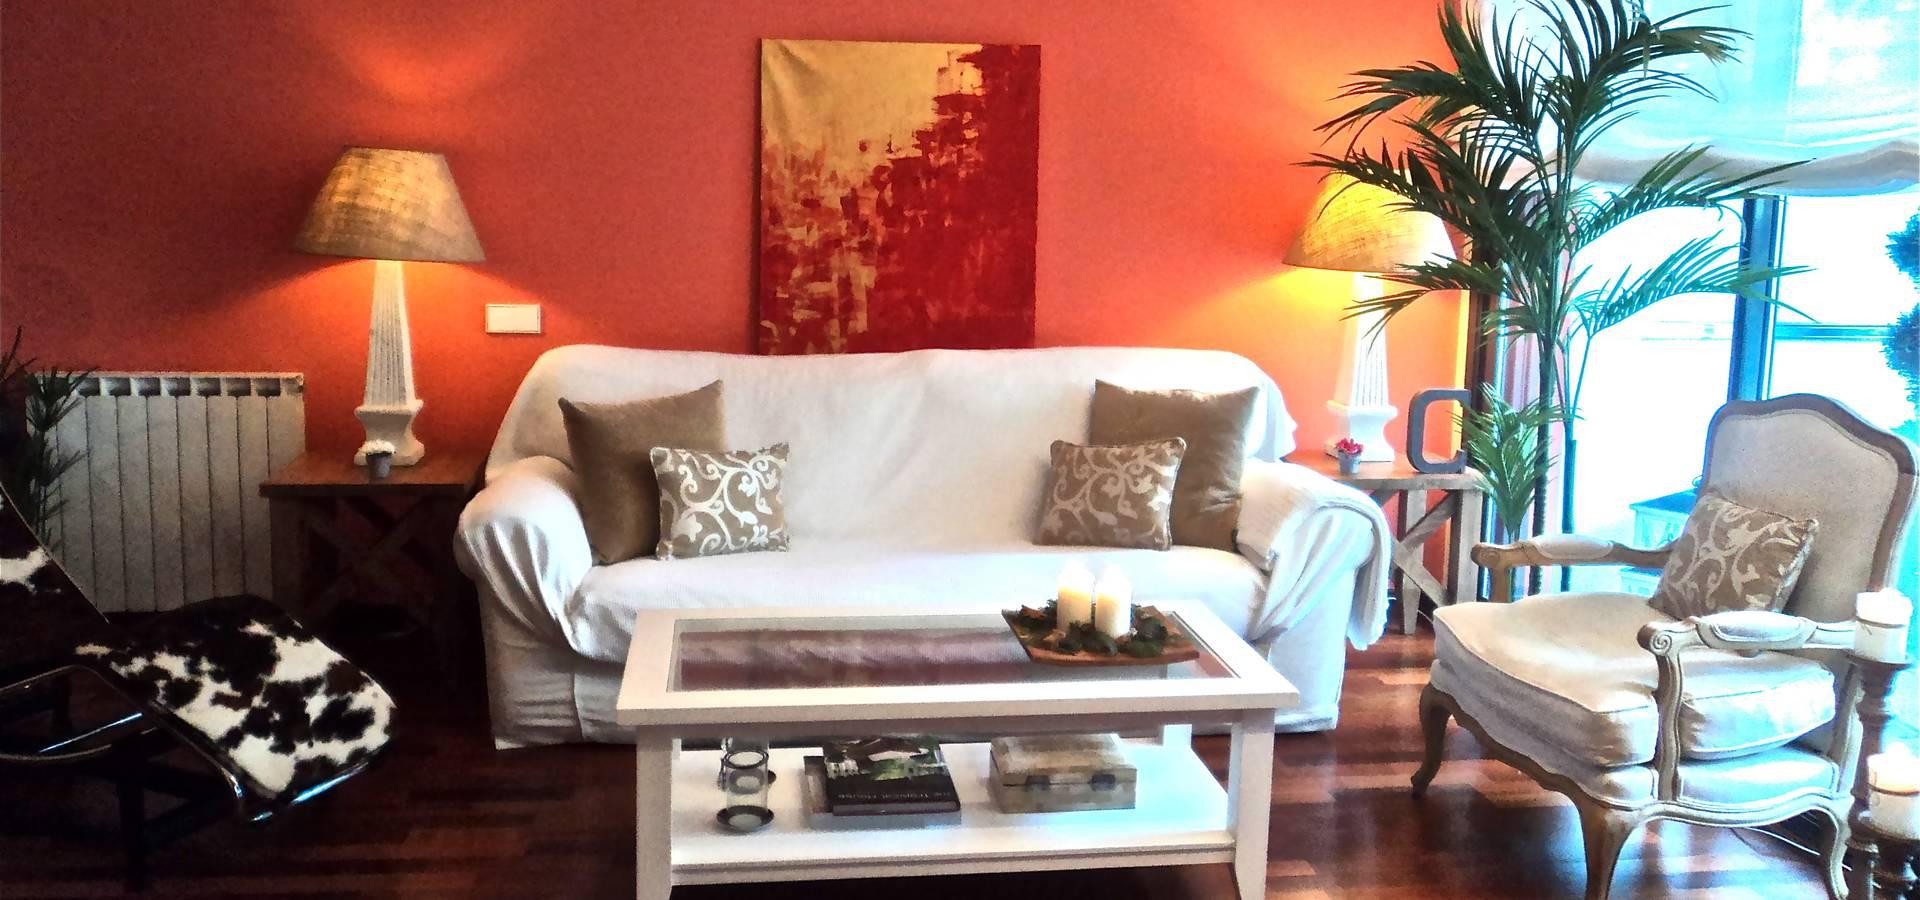 Feng shui cristina jov decoradores y dise adores de - Decoradores de interiores barcelona ...